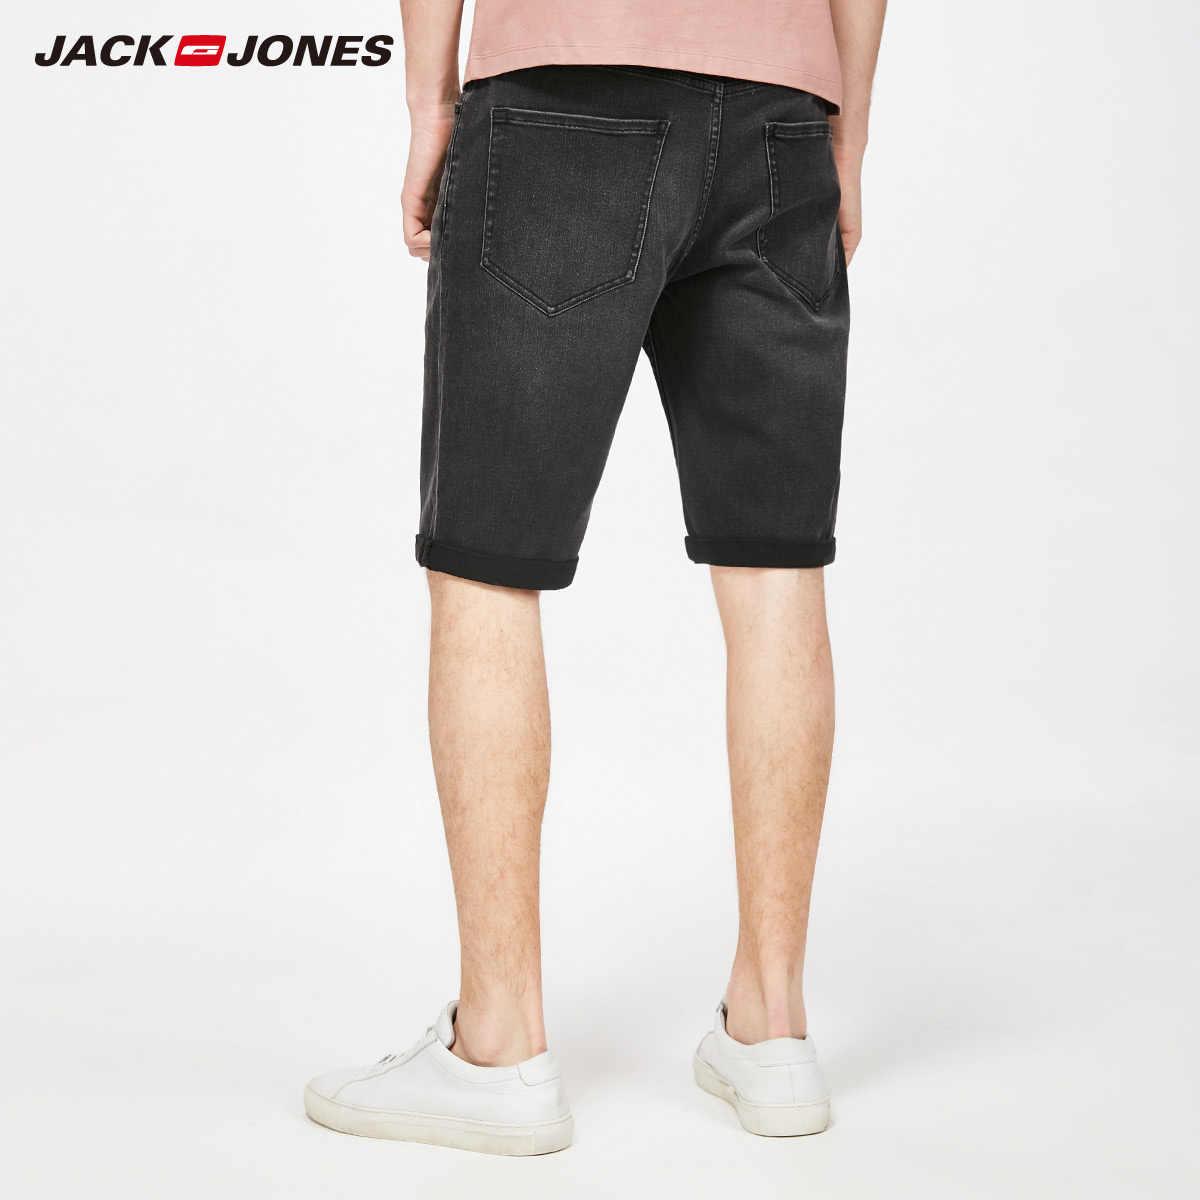 JackJones wiosna lato nowy męski regularny krój Stretch spodenki jeansowe do kolan   2181S3507